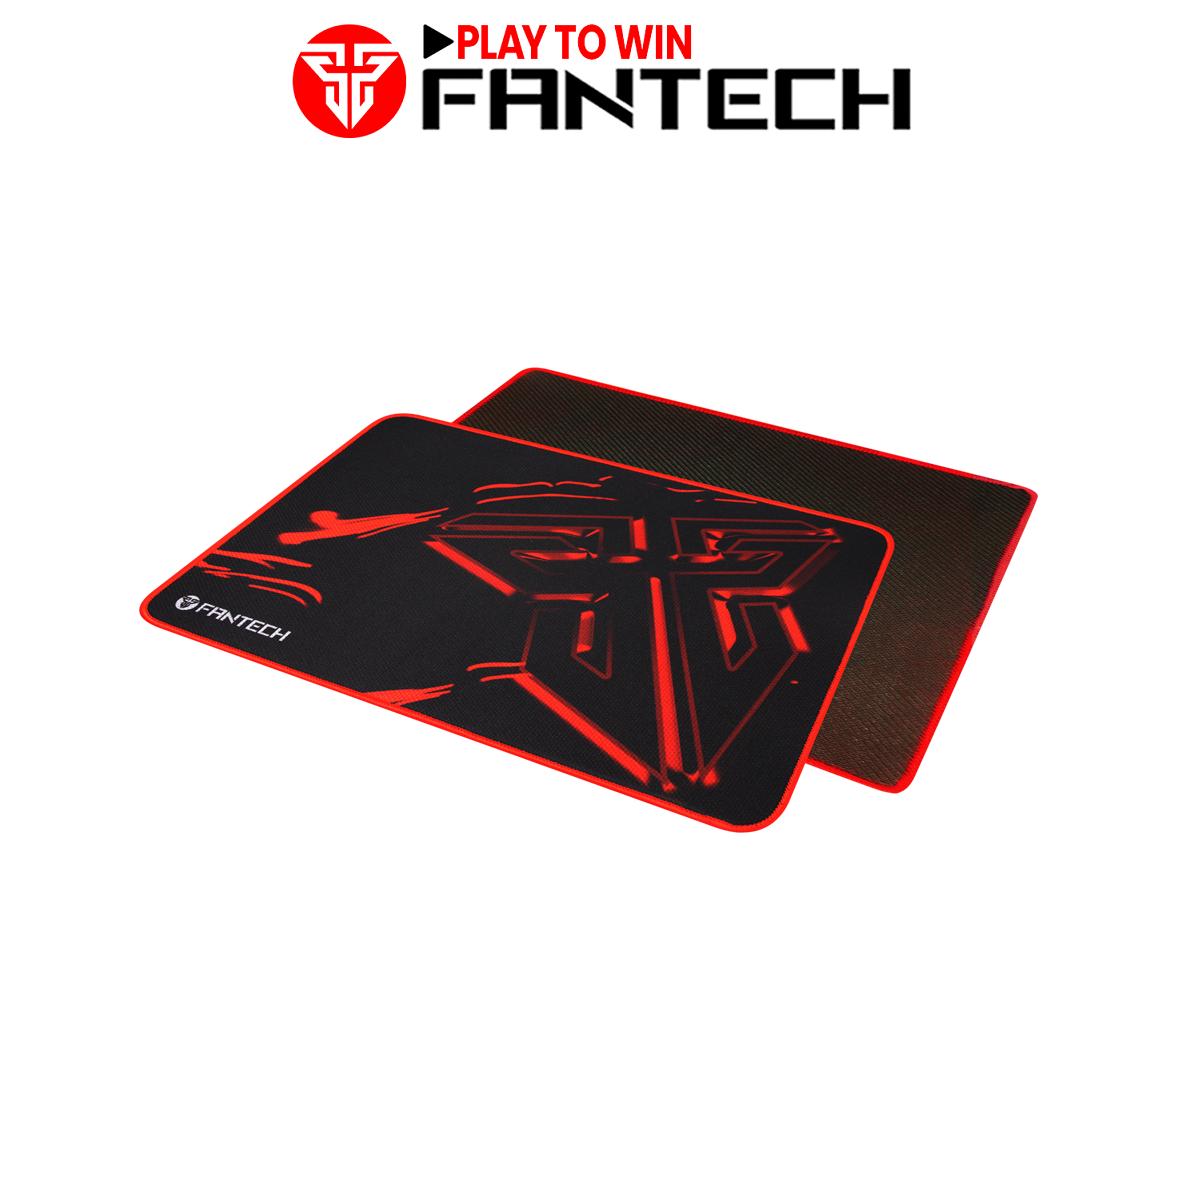 Đế lót di chuột tốc độ cao – Fantech MP25 – chất liệu cao su tự nhiên đế chống trượt dài 250mm rộng 210mm dày 2mm giúp di chuột một cách dễ dàng – Hãng Phân Phối Chính Thức – Giới hạn 1 sản phẩm/khách hàng